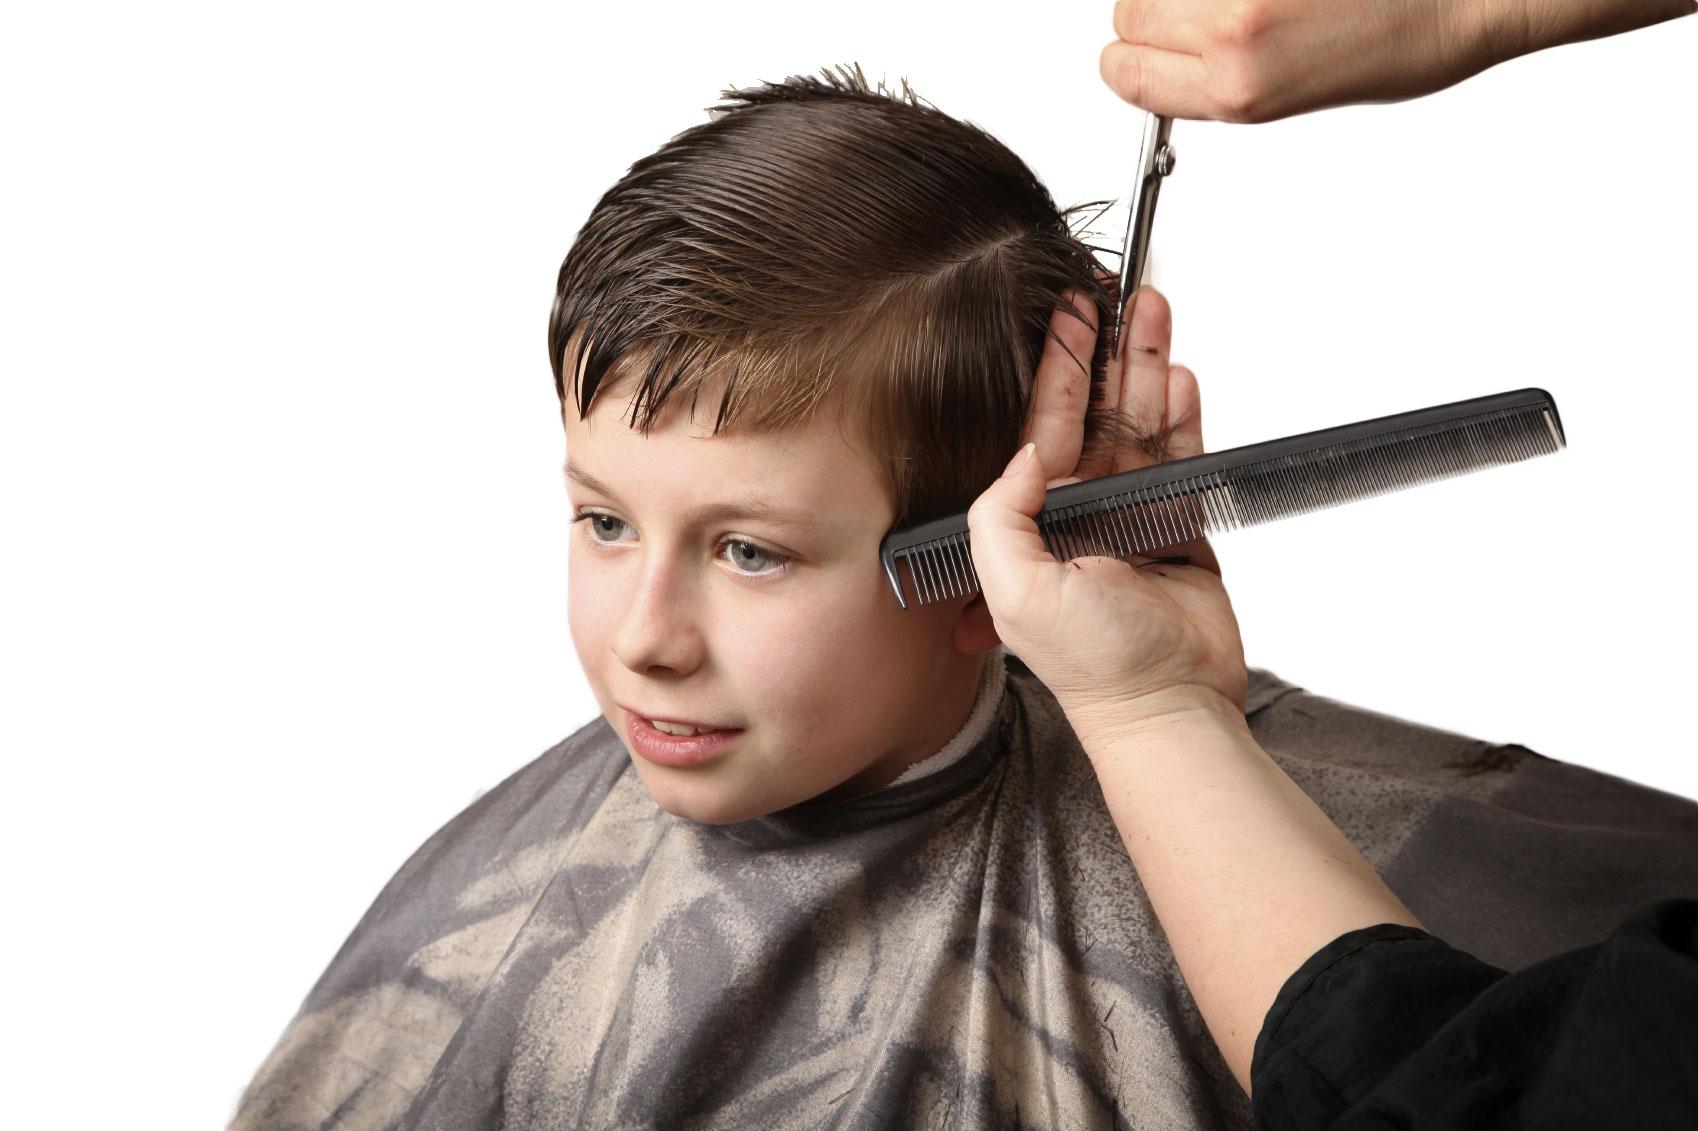 Как подстричь мальчика модно в домашних условиях фото пошагово